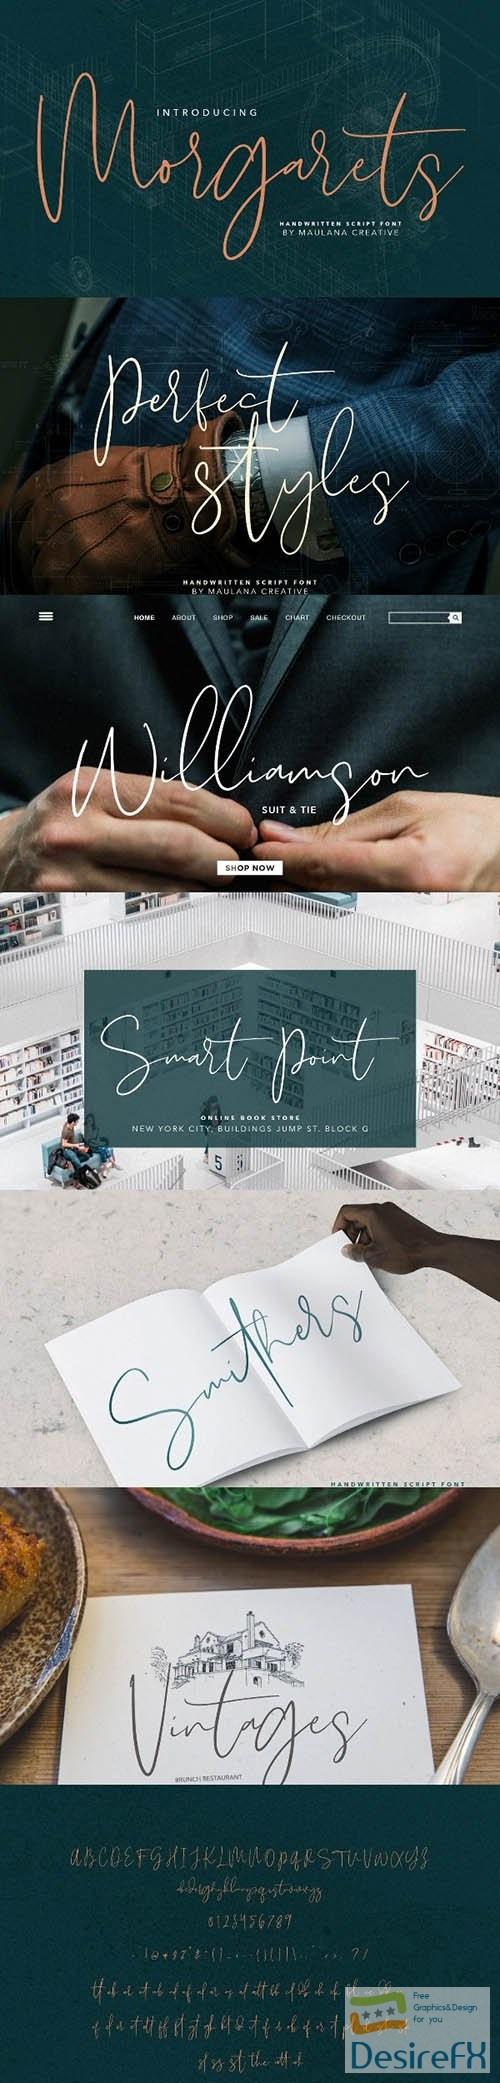 fonts - Morgarets Script Font